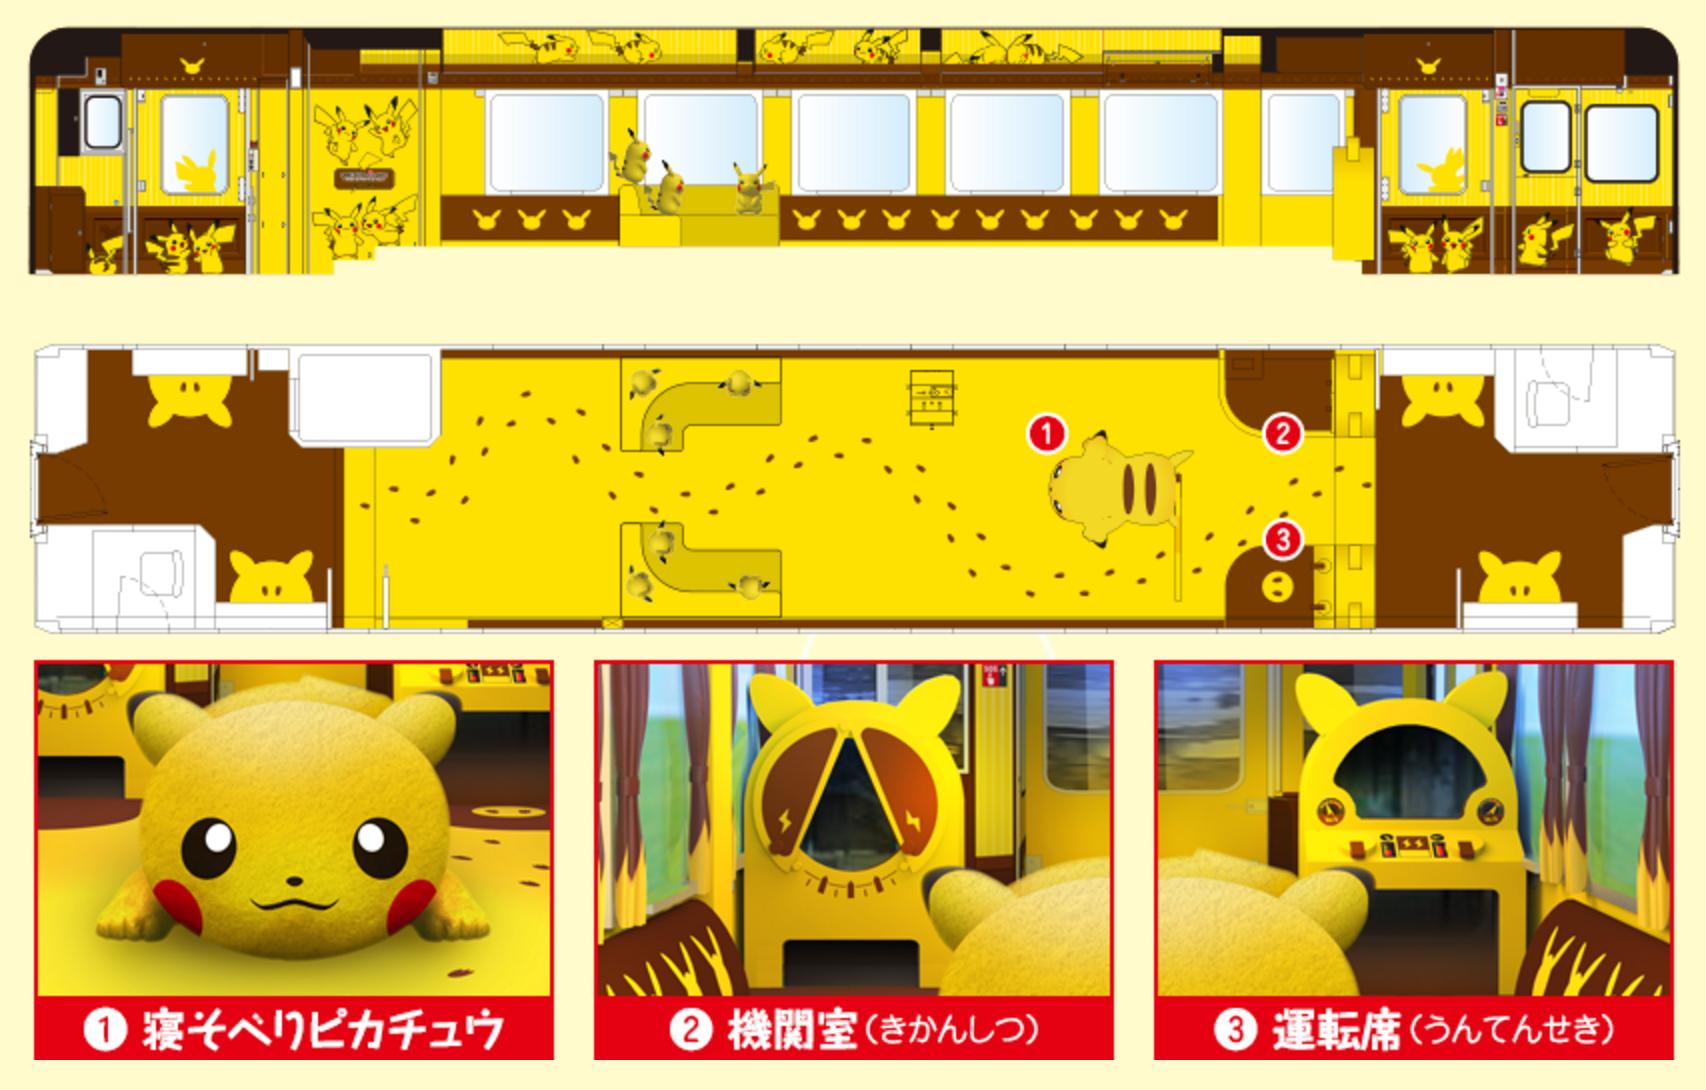 圖片來源:JR東日本官方網站